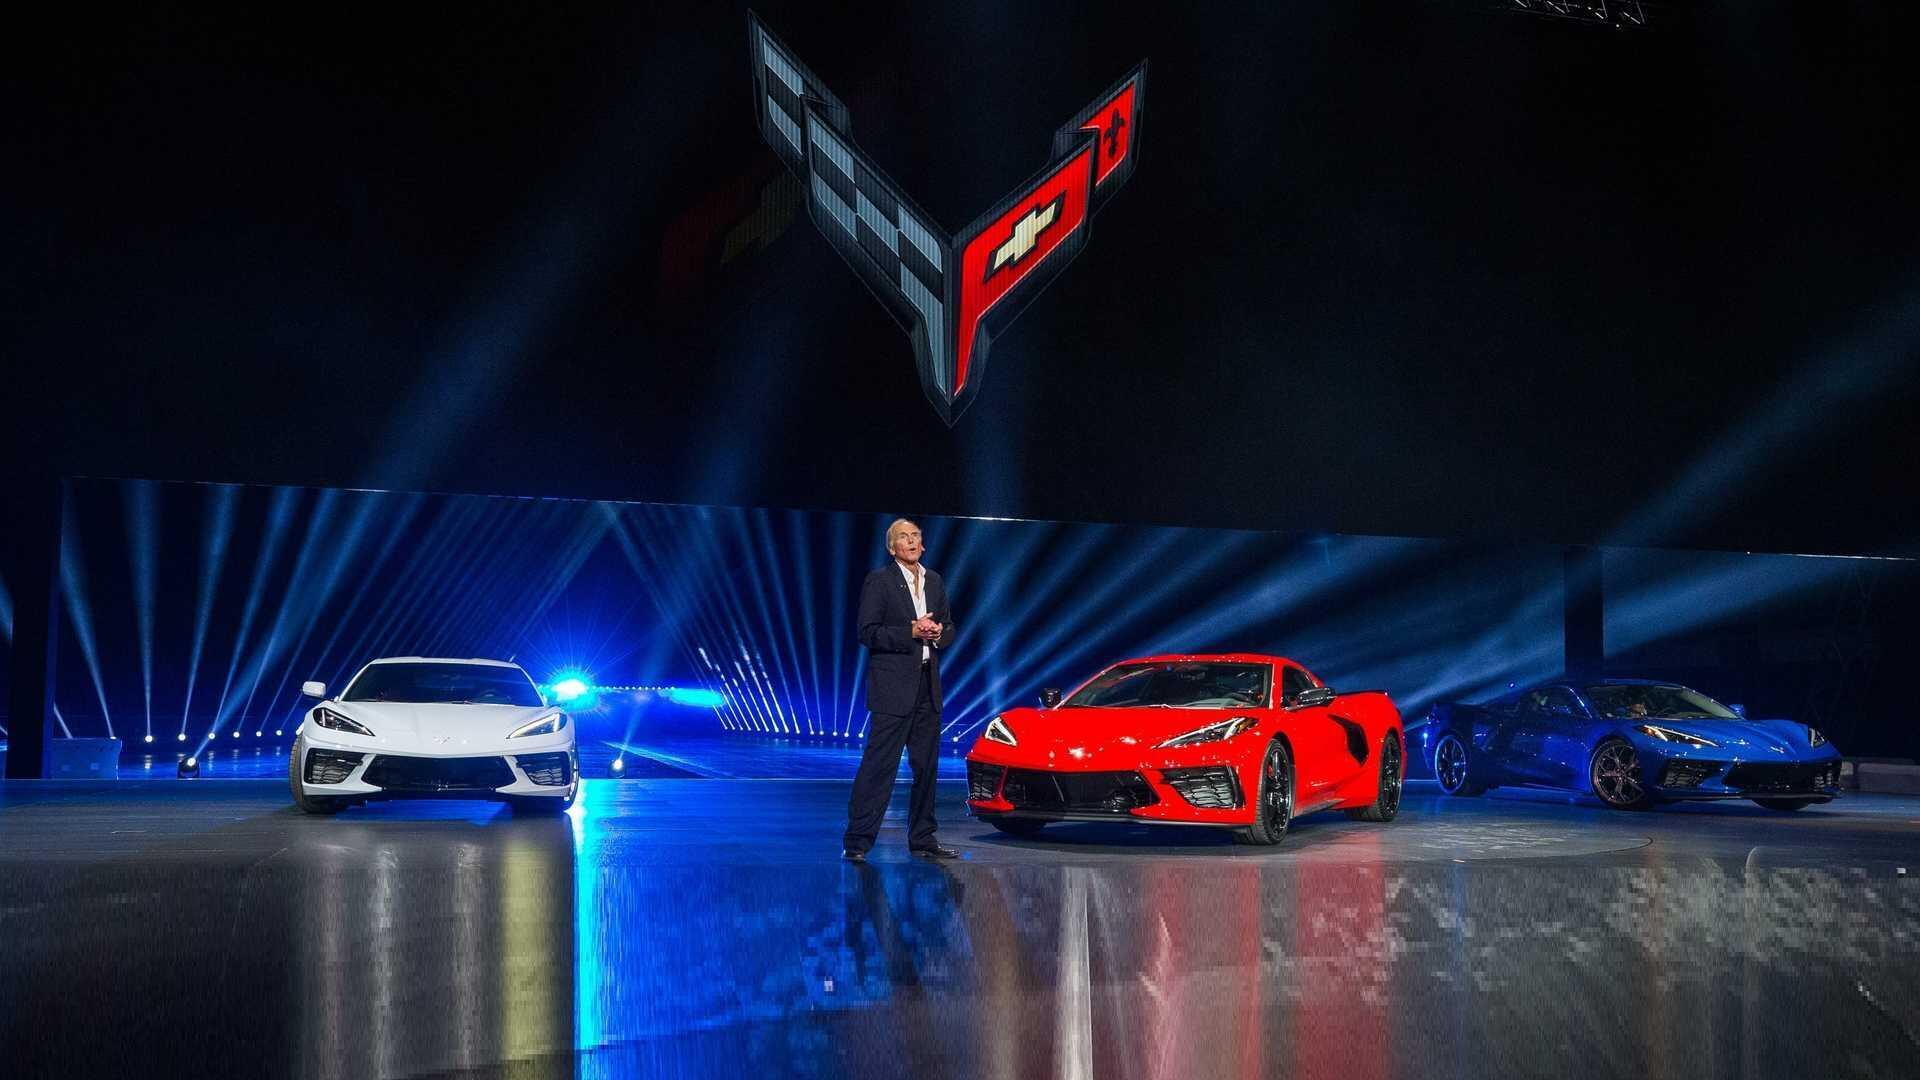 https://cdn.dailyxe.com.vn/image/chevrolet-corvette-2020-co-mot-so-tinh-nang-an-tuyet-voi-22-94533j2.jpg